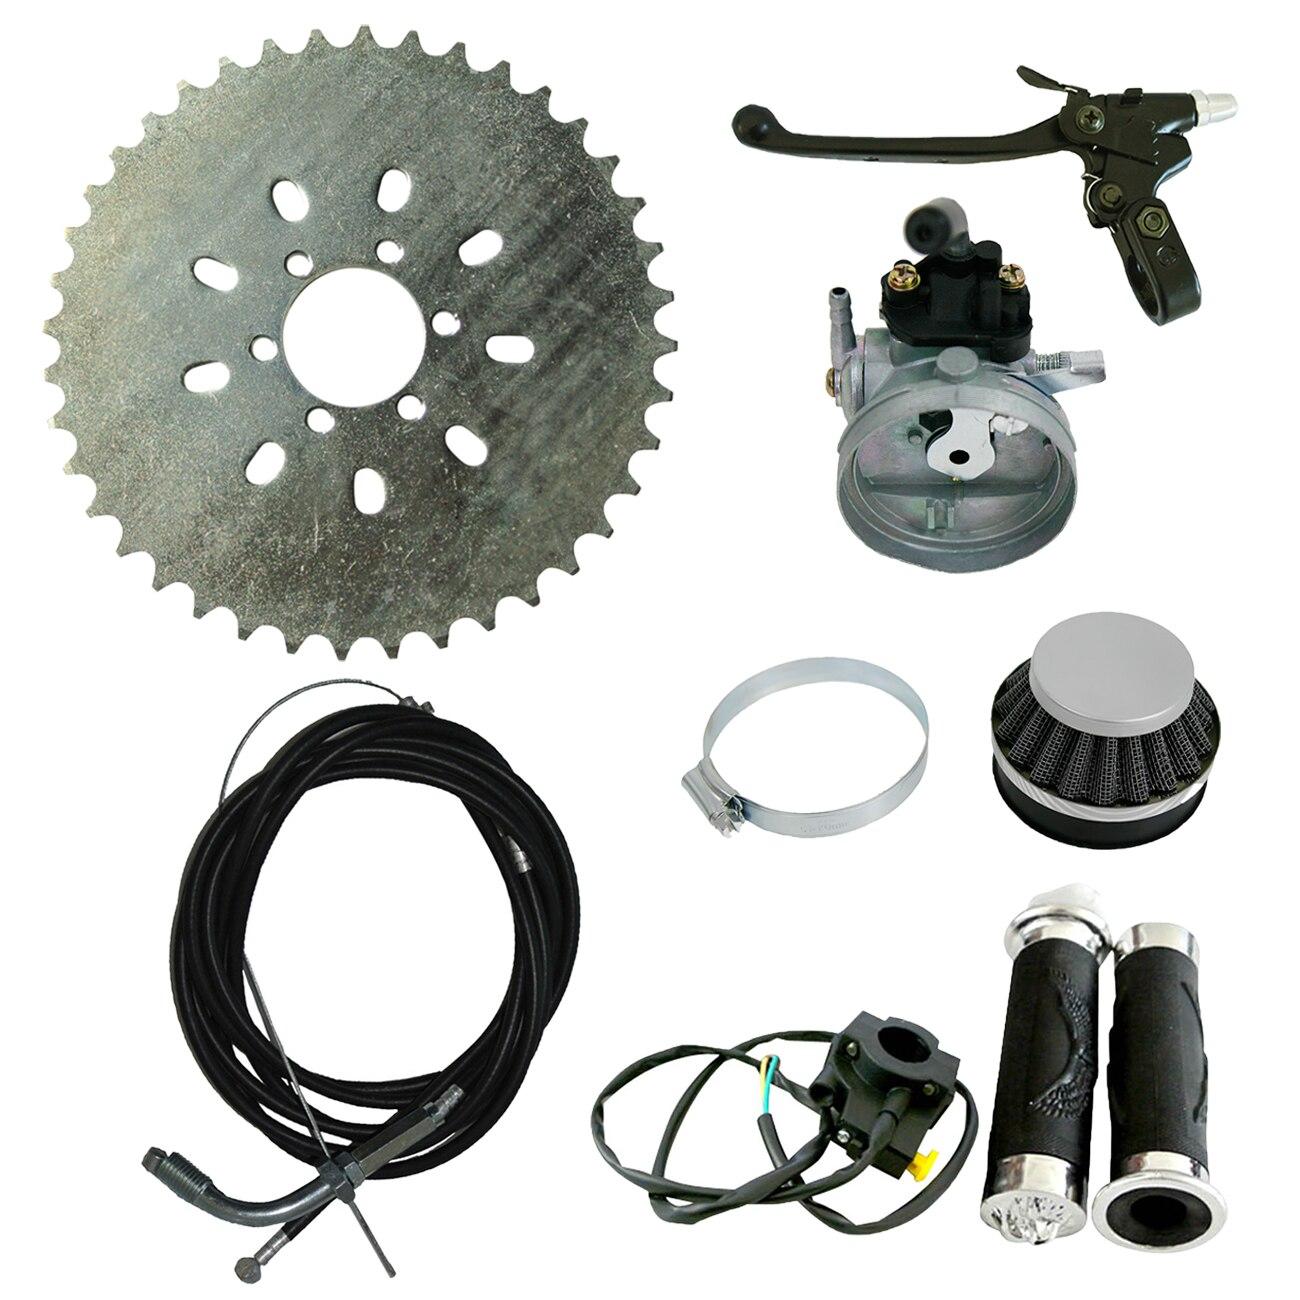 Kit carburateur & pignon levier d'embrayage pour vélo motorisé 60cc 66cc 80cc